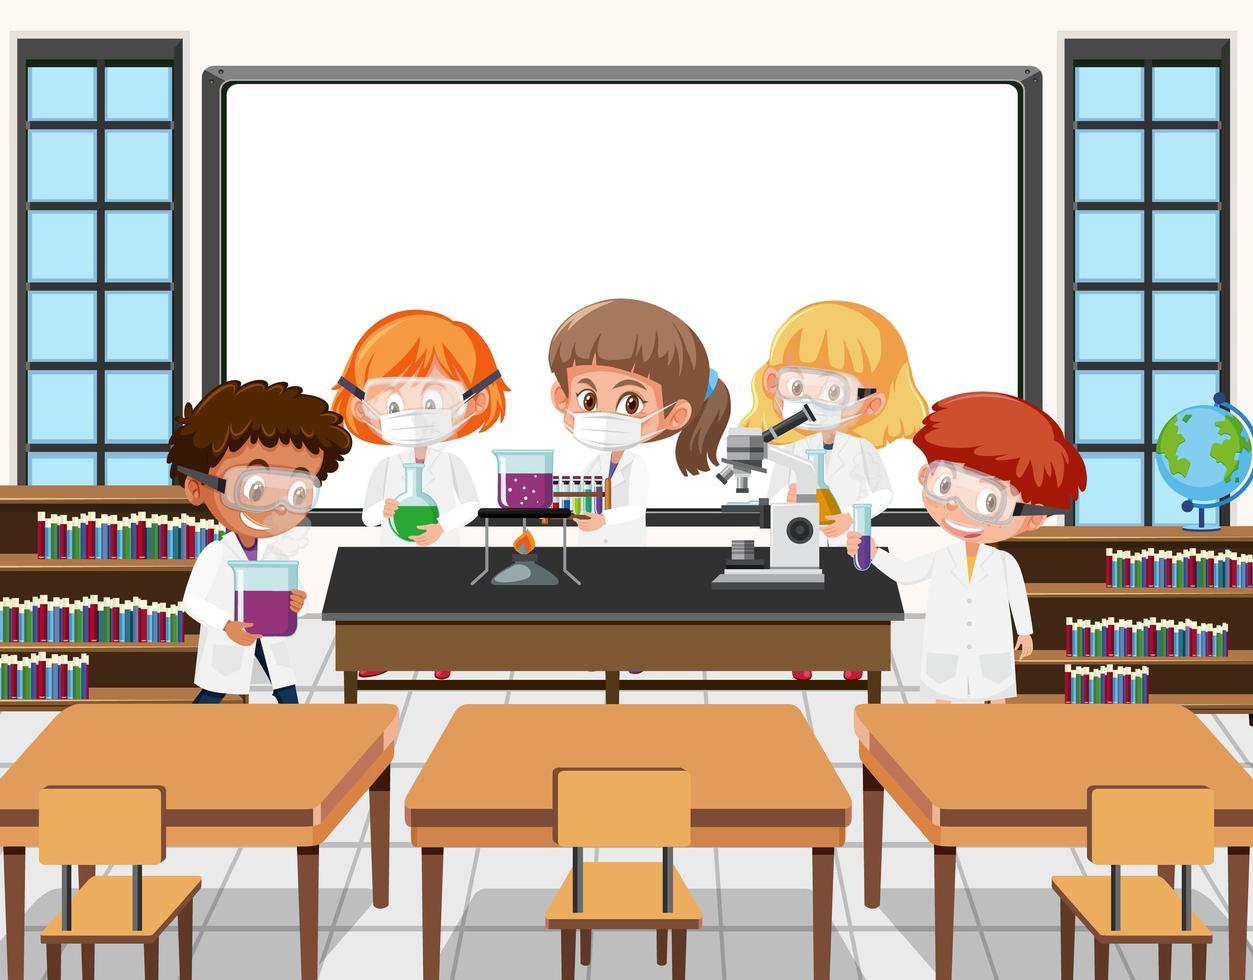 jonge studenten die wetenschappelijk experiment doen in de klas vector